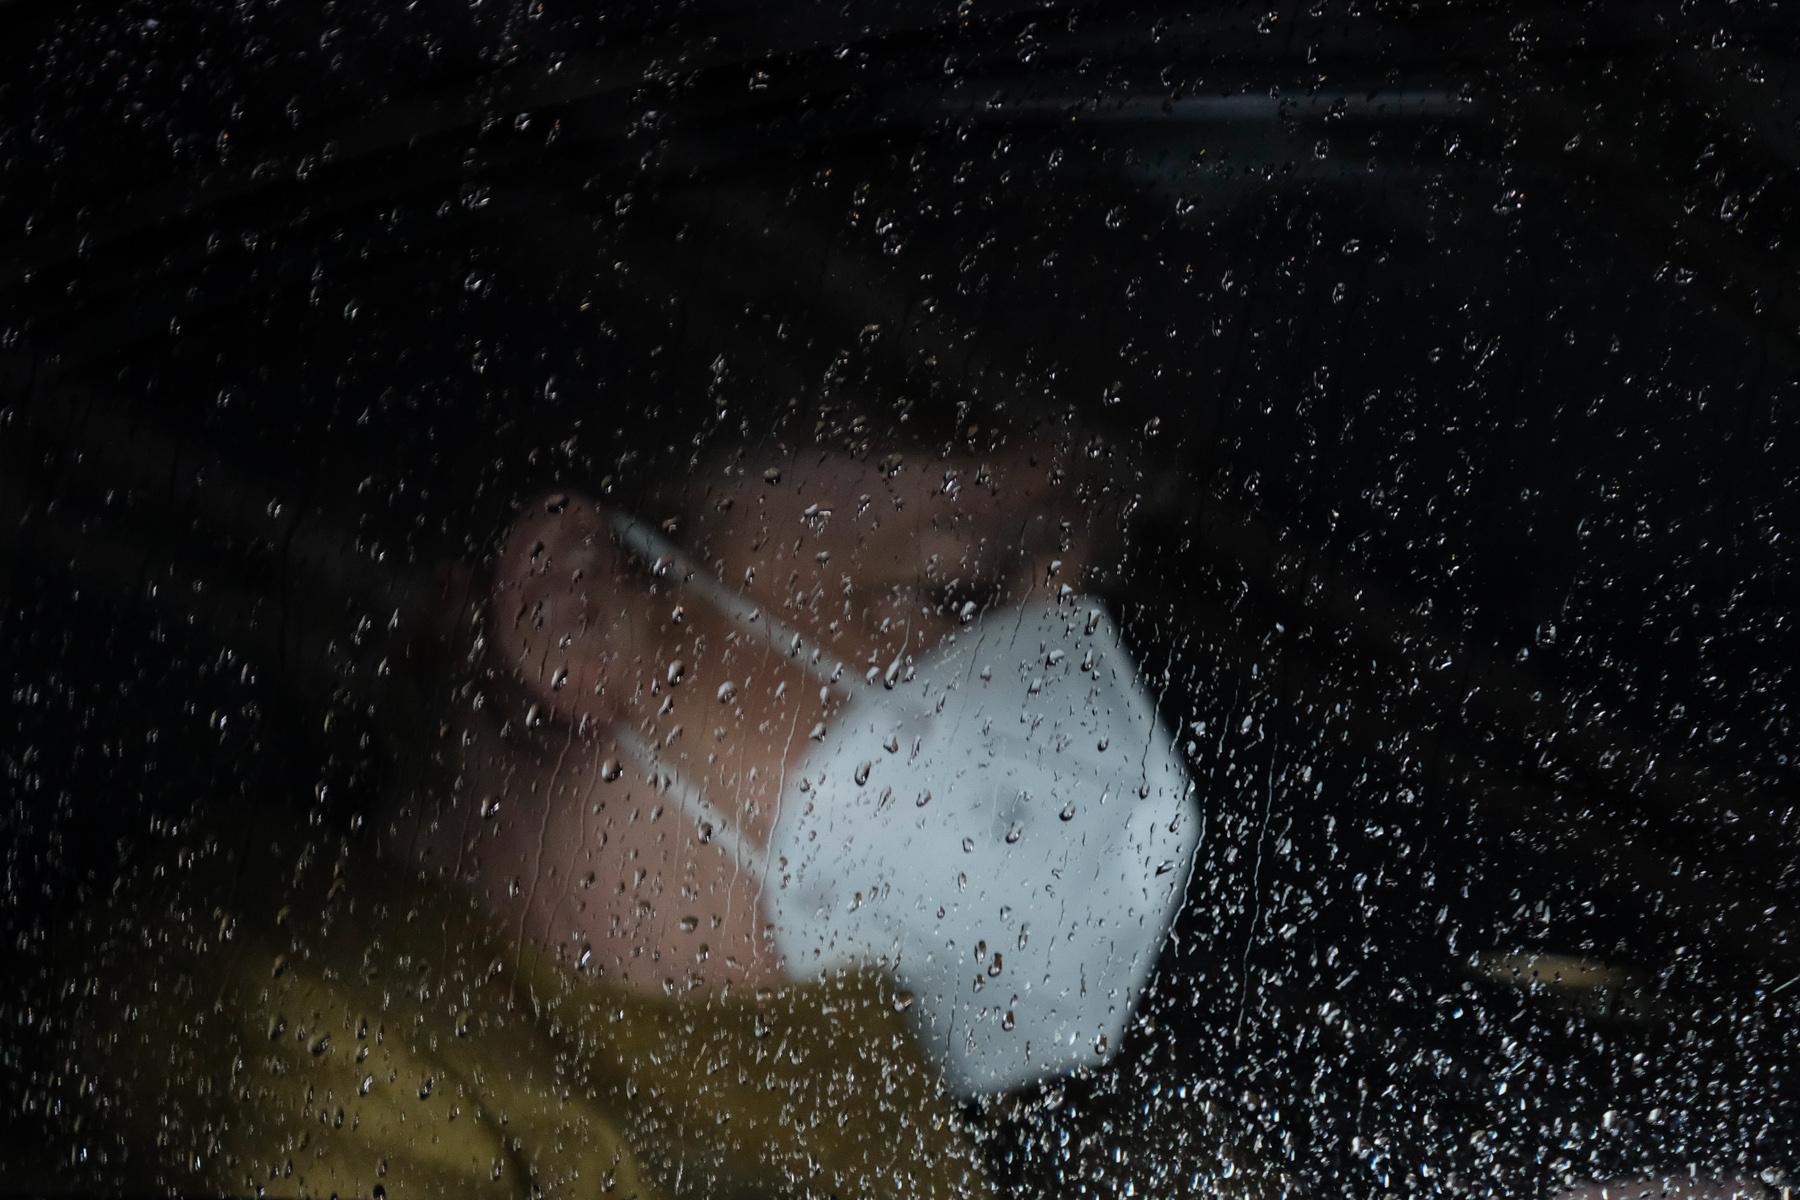 Η Γερμανίδα καγκελάριος Άνγκελα Μέρκελ, όπως φαίνεται πίσω από σταγόνες βροχής στο παράθυρο του αυτοκινήτου της, καθώς φεύγει από το Ευρωπαϊκό Συμβούλιο στις Βρυξέλλες.  11 Δεκεμβρίου 2020